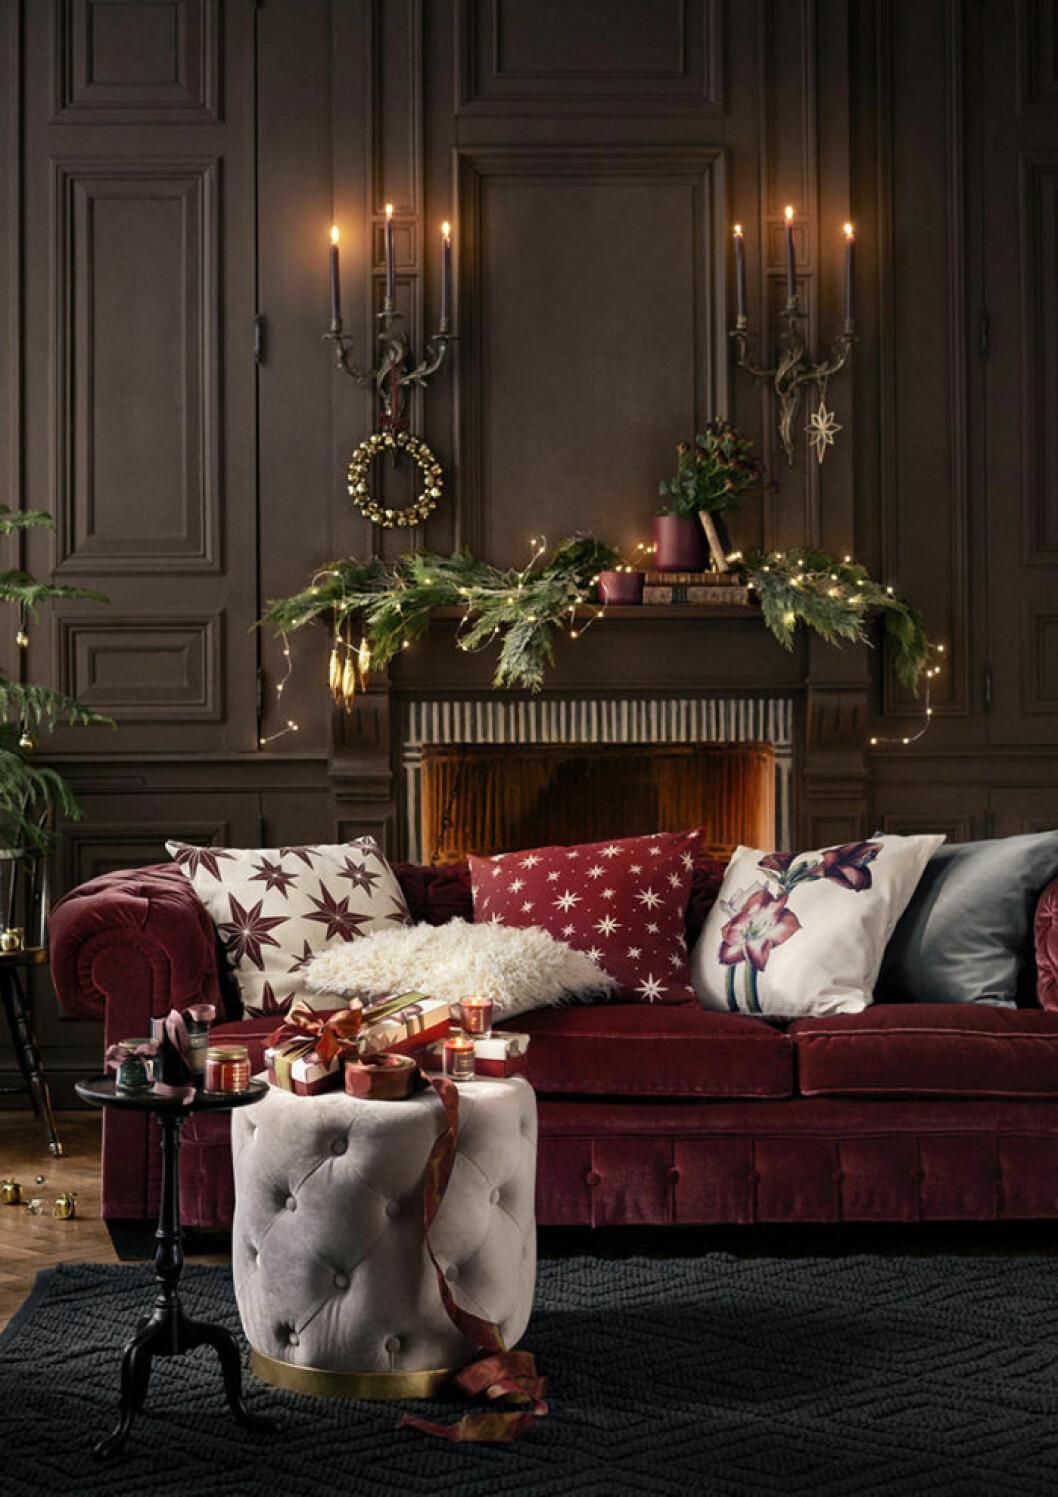 Vardagsrum med julstämning och en röd sammetssoffa i mitten